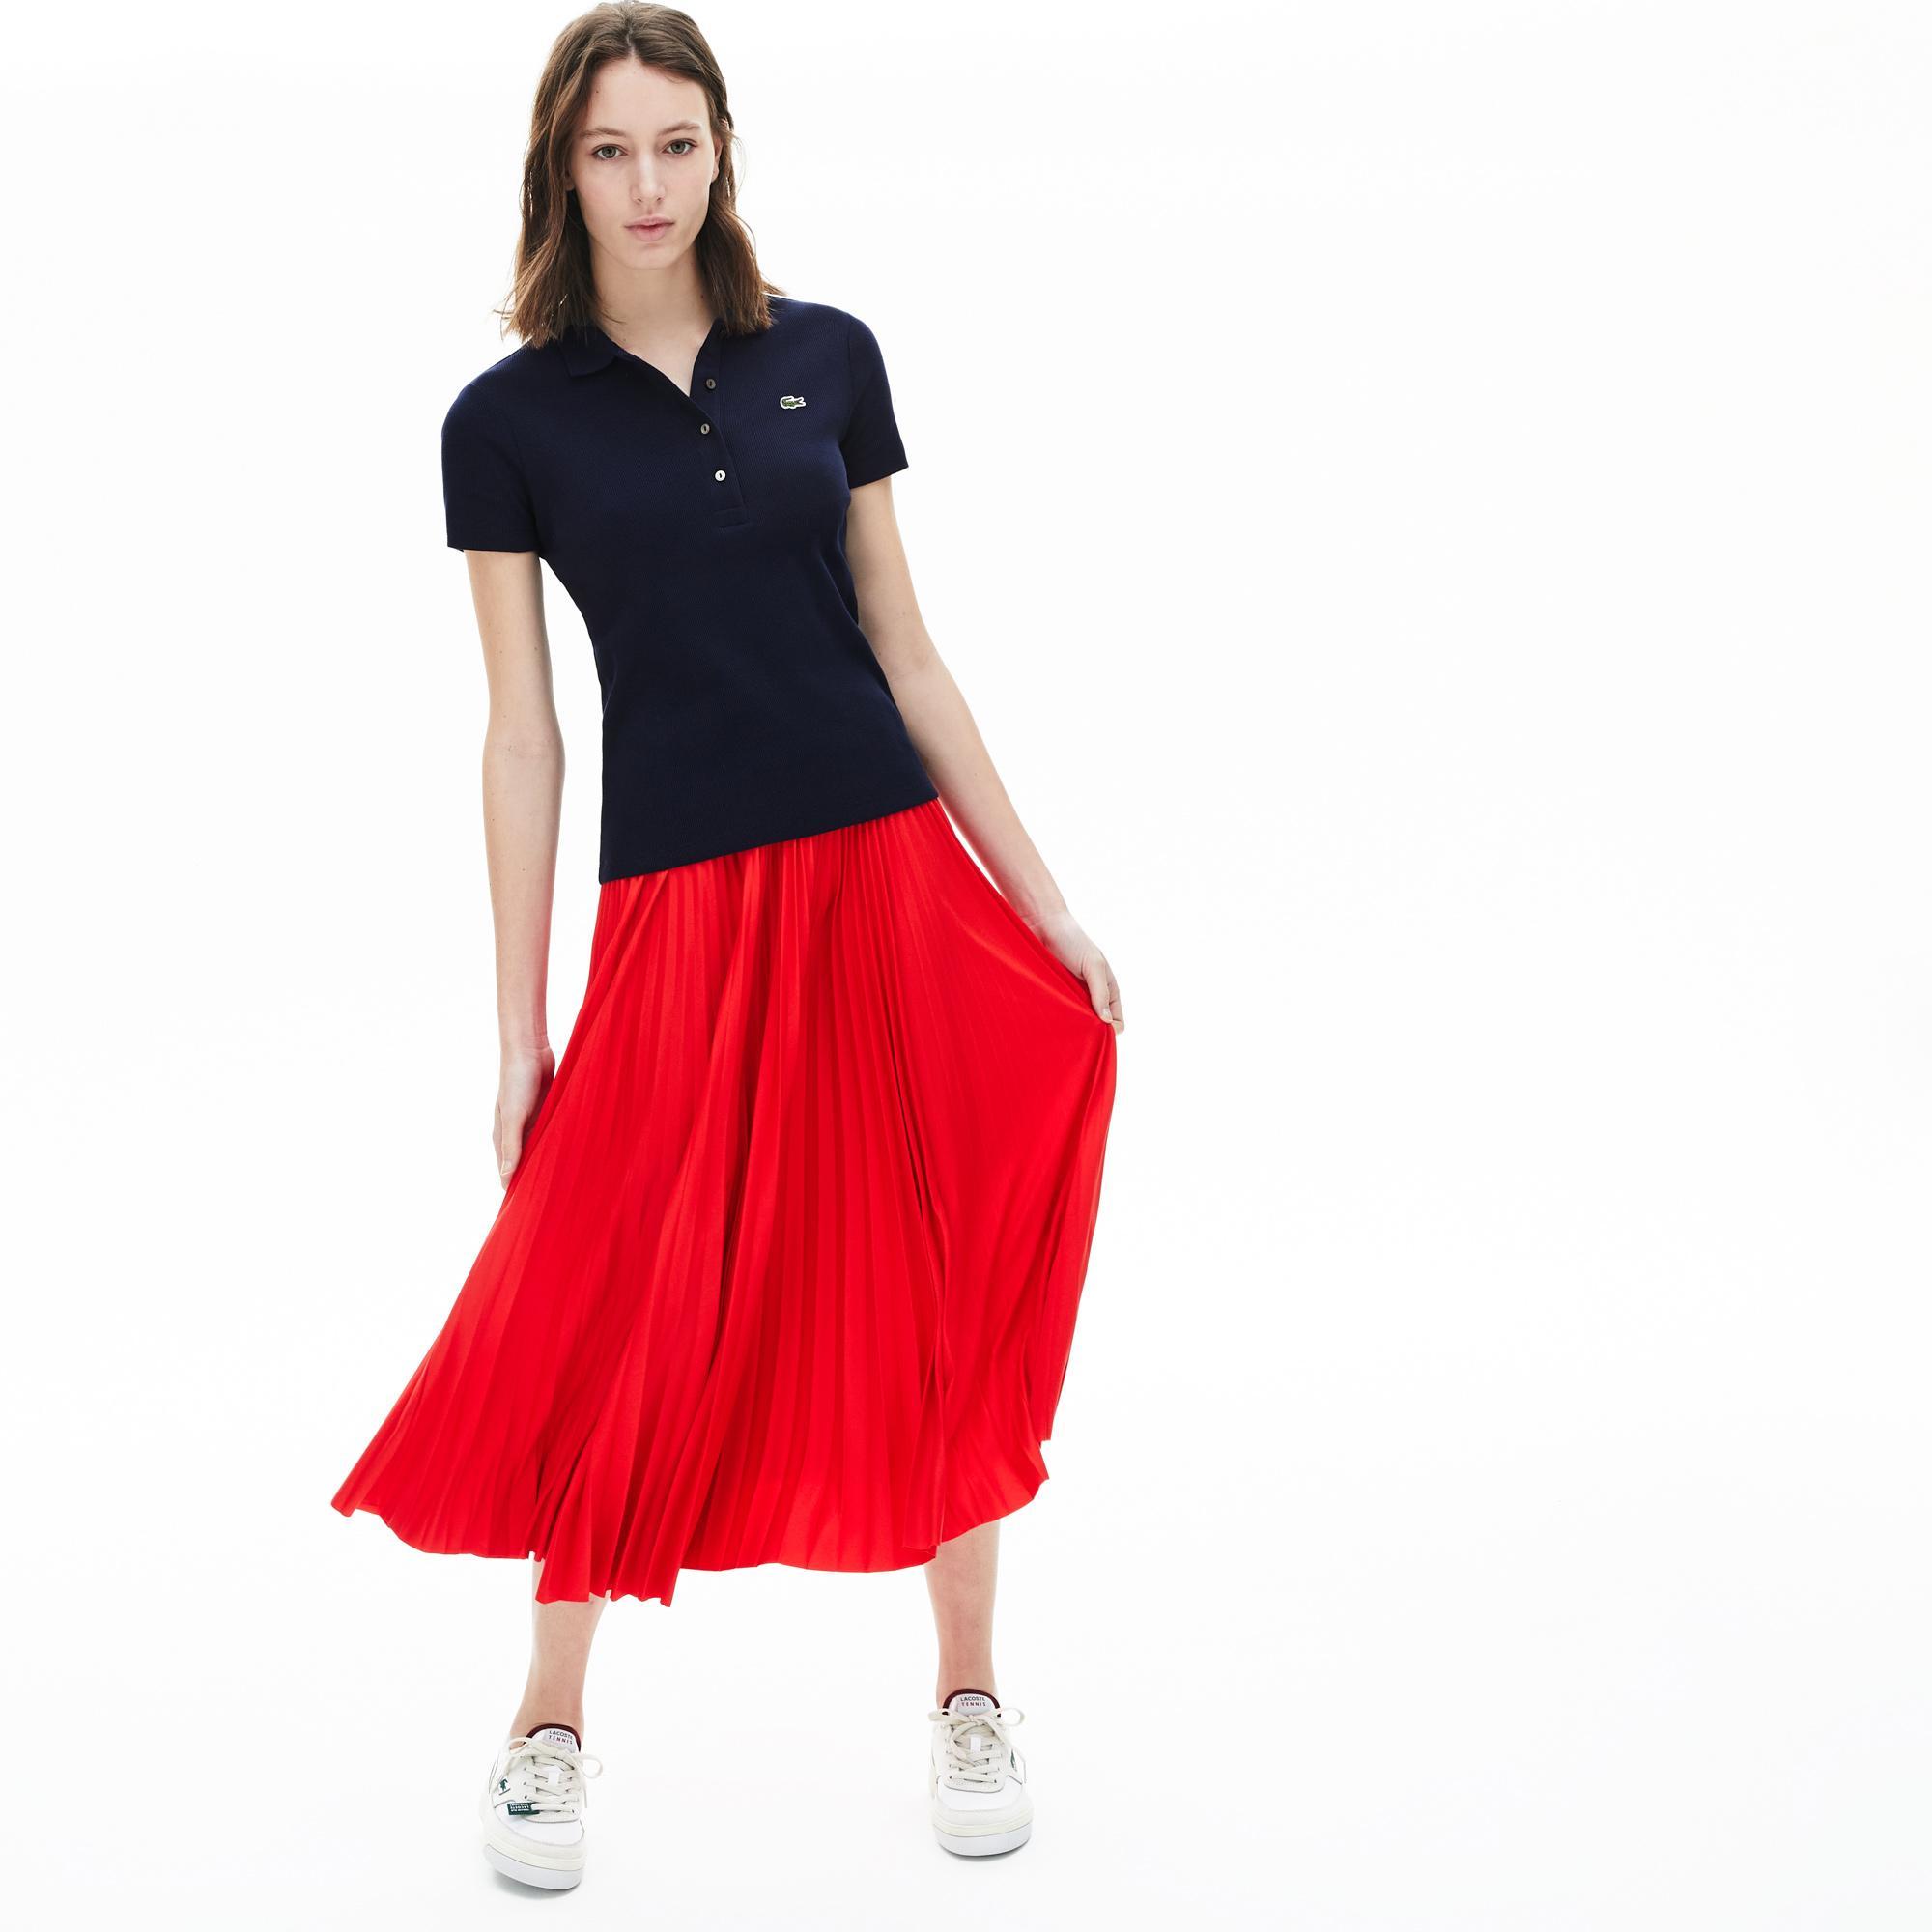 Lacoste Damska Koszulka Polo Z Prążka